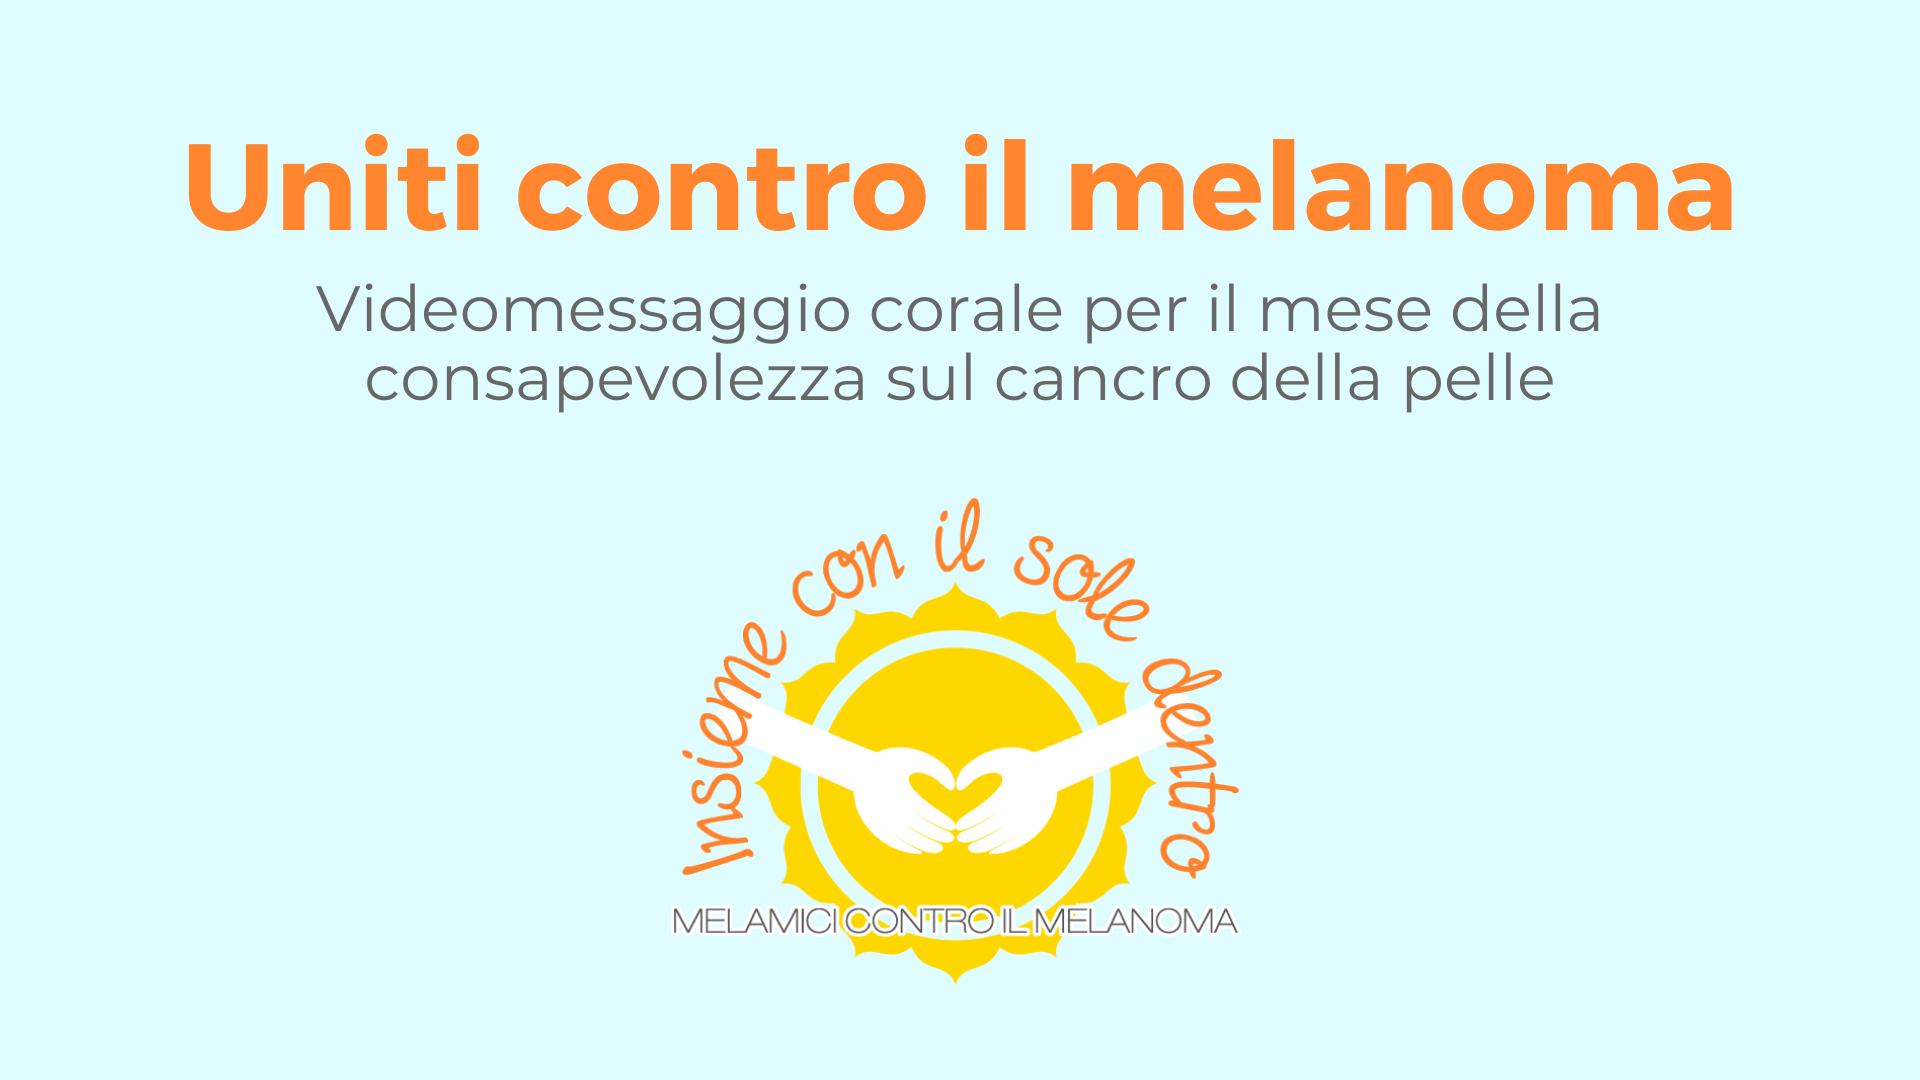 Unite nella lotta al melanoma